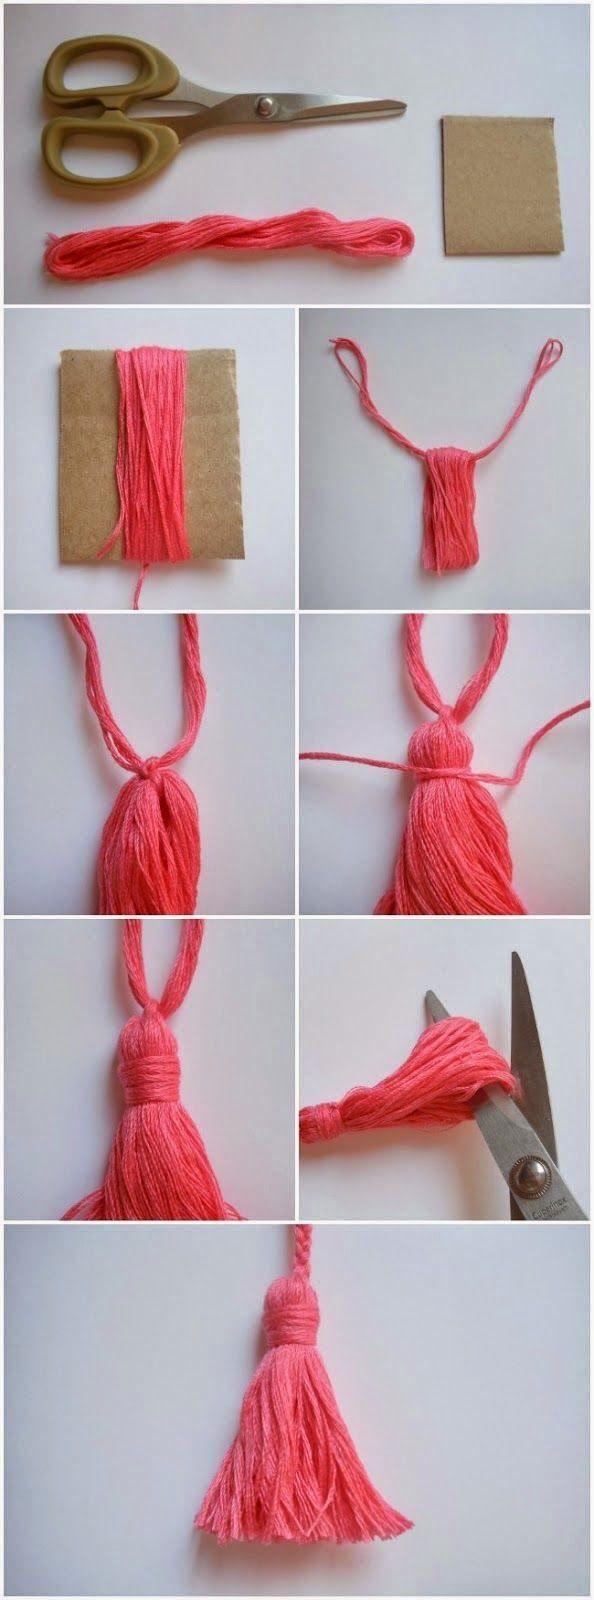 Tutorial scialle crochet cominciamo a prepararci per uno scialle, da portare o sulle spalle, o come lo porta mia figlia Val...